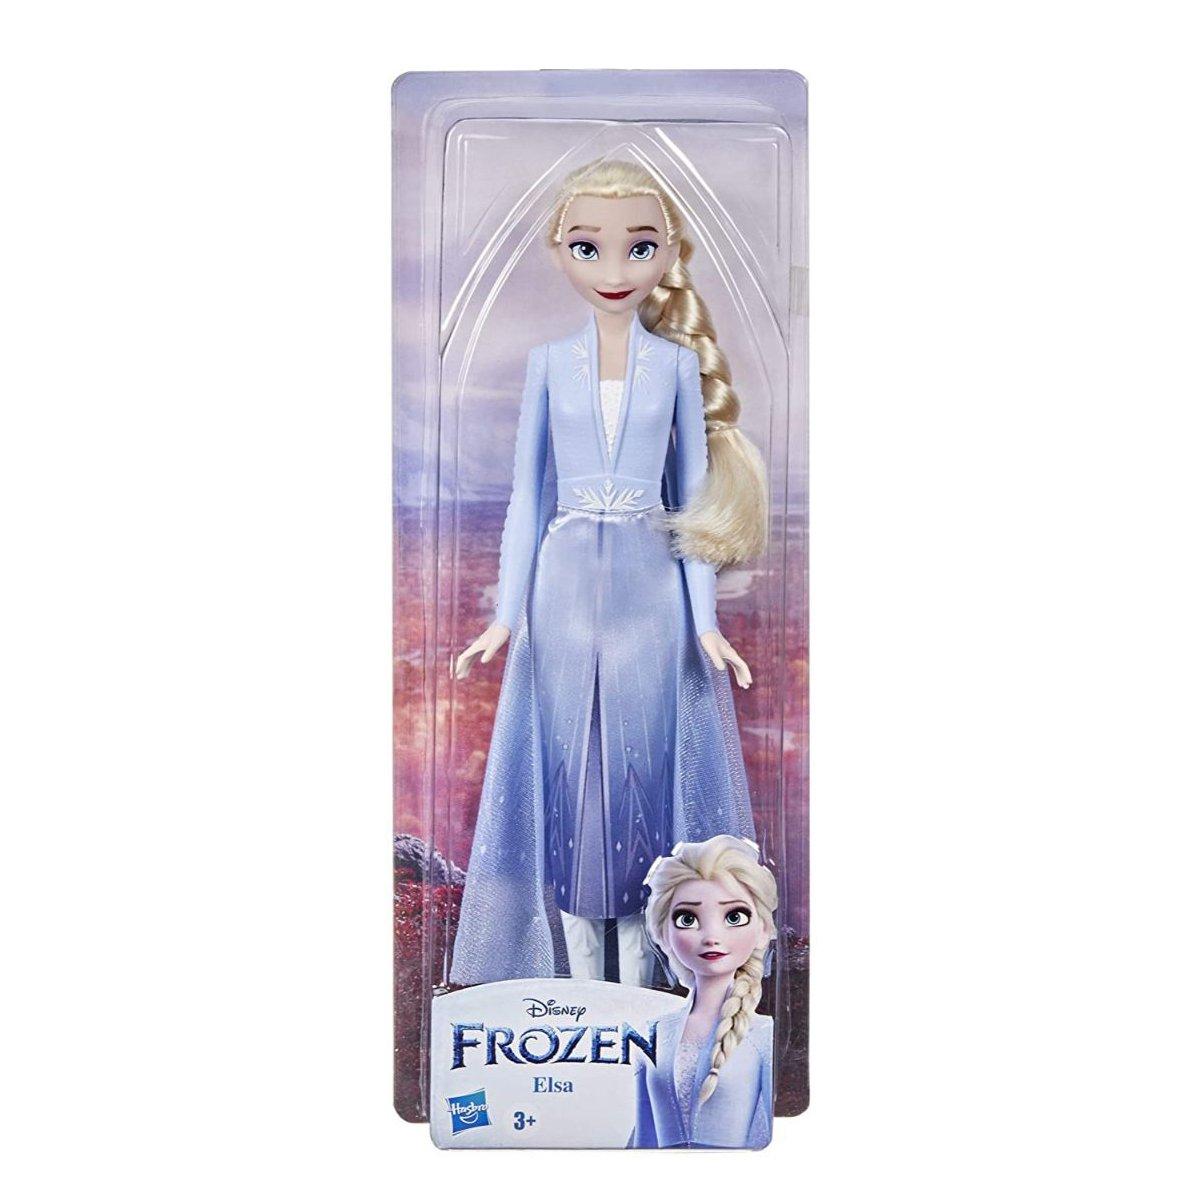 Papusa Elsa, Frozen 2, 35 cm